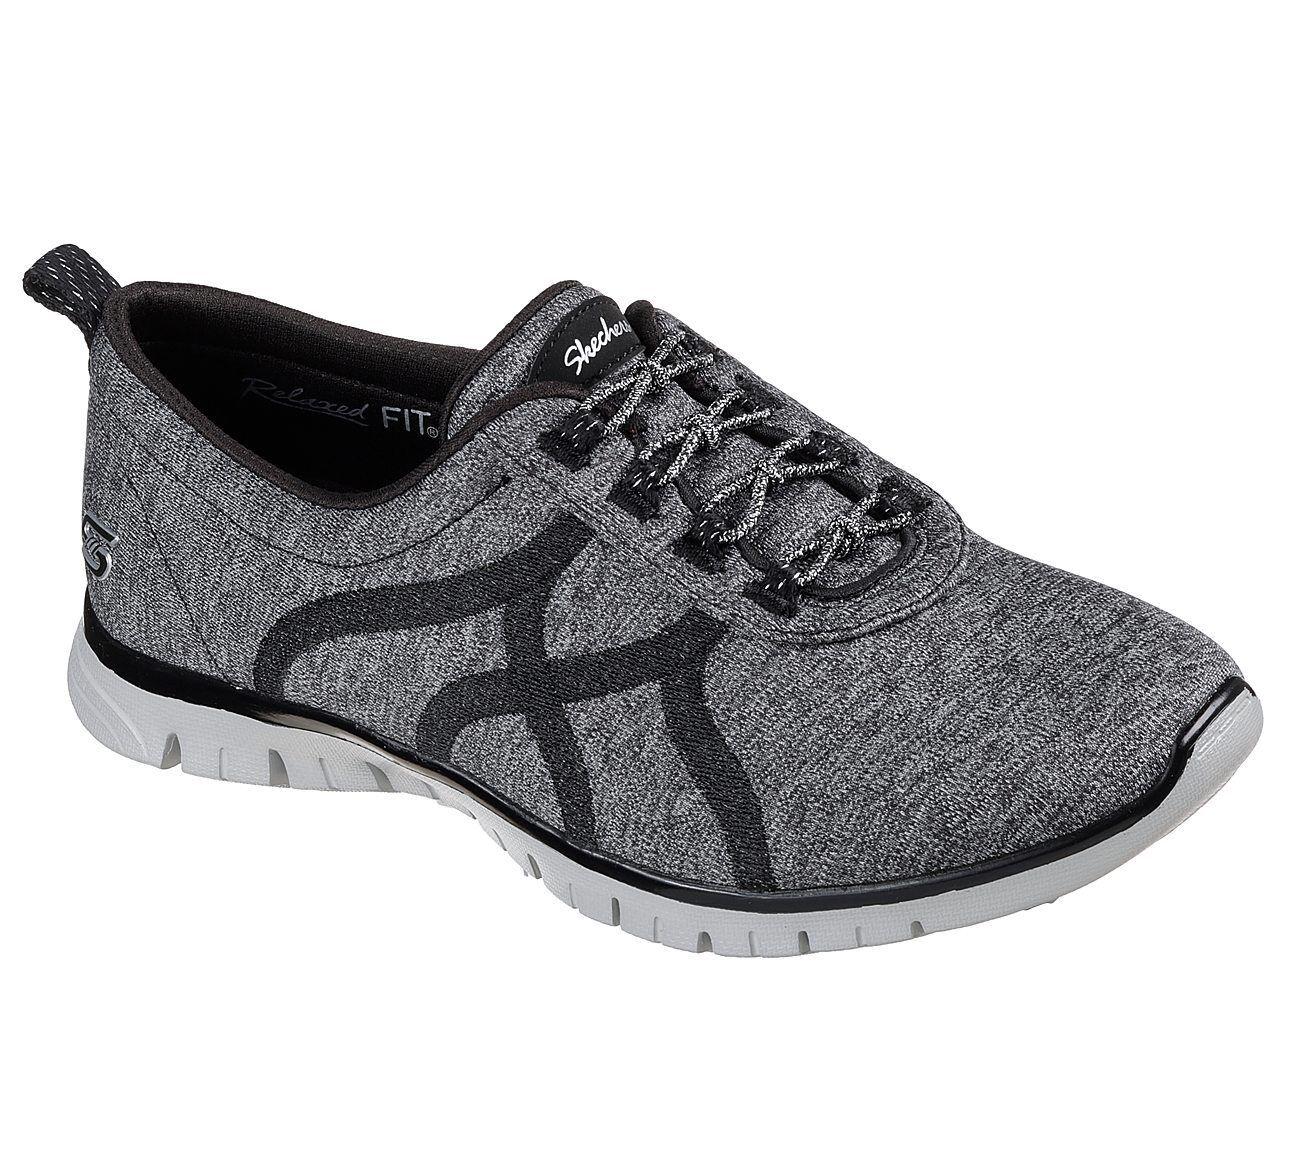 Nuevo señora Skechers zapatillas zapatillas ez Flex renew-Bright renew-Bright renew-Bright Days negro  ventas al por mayor